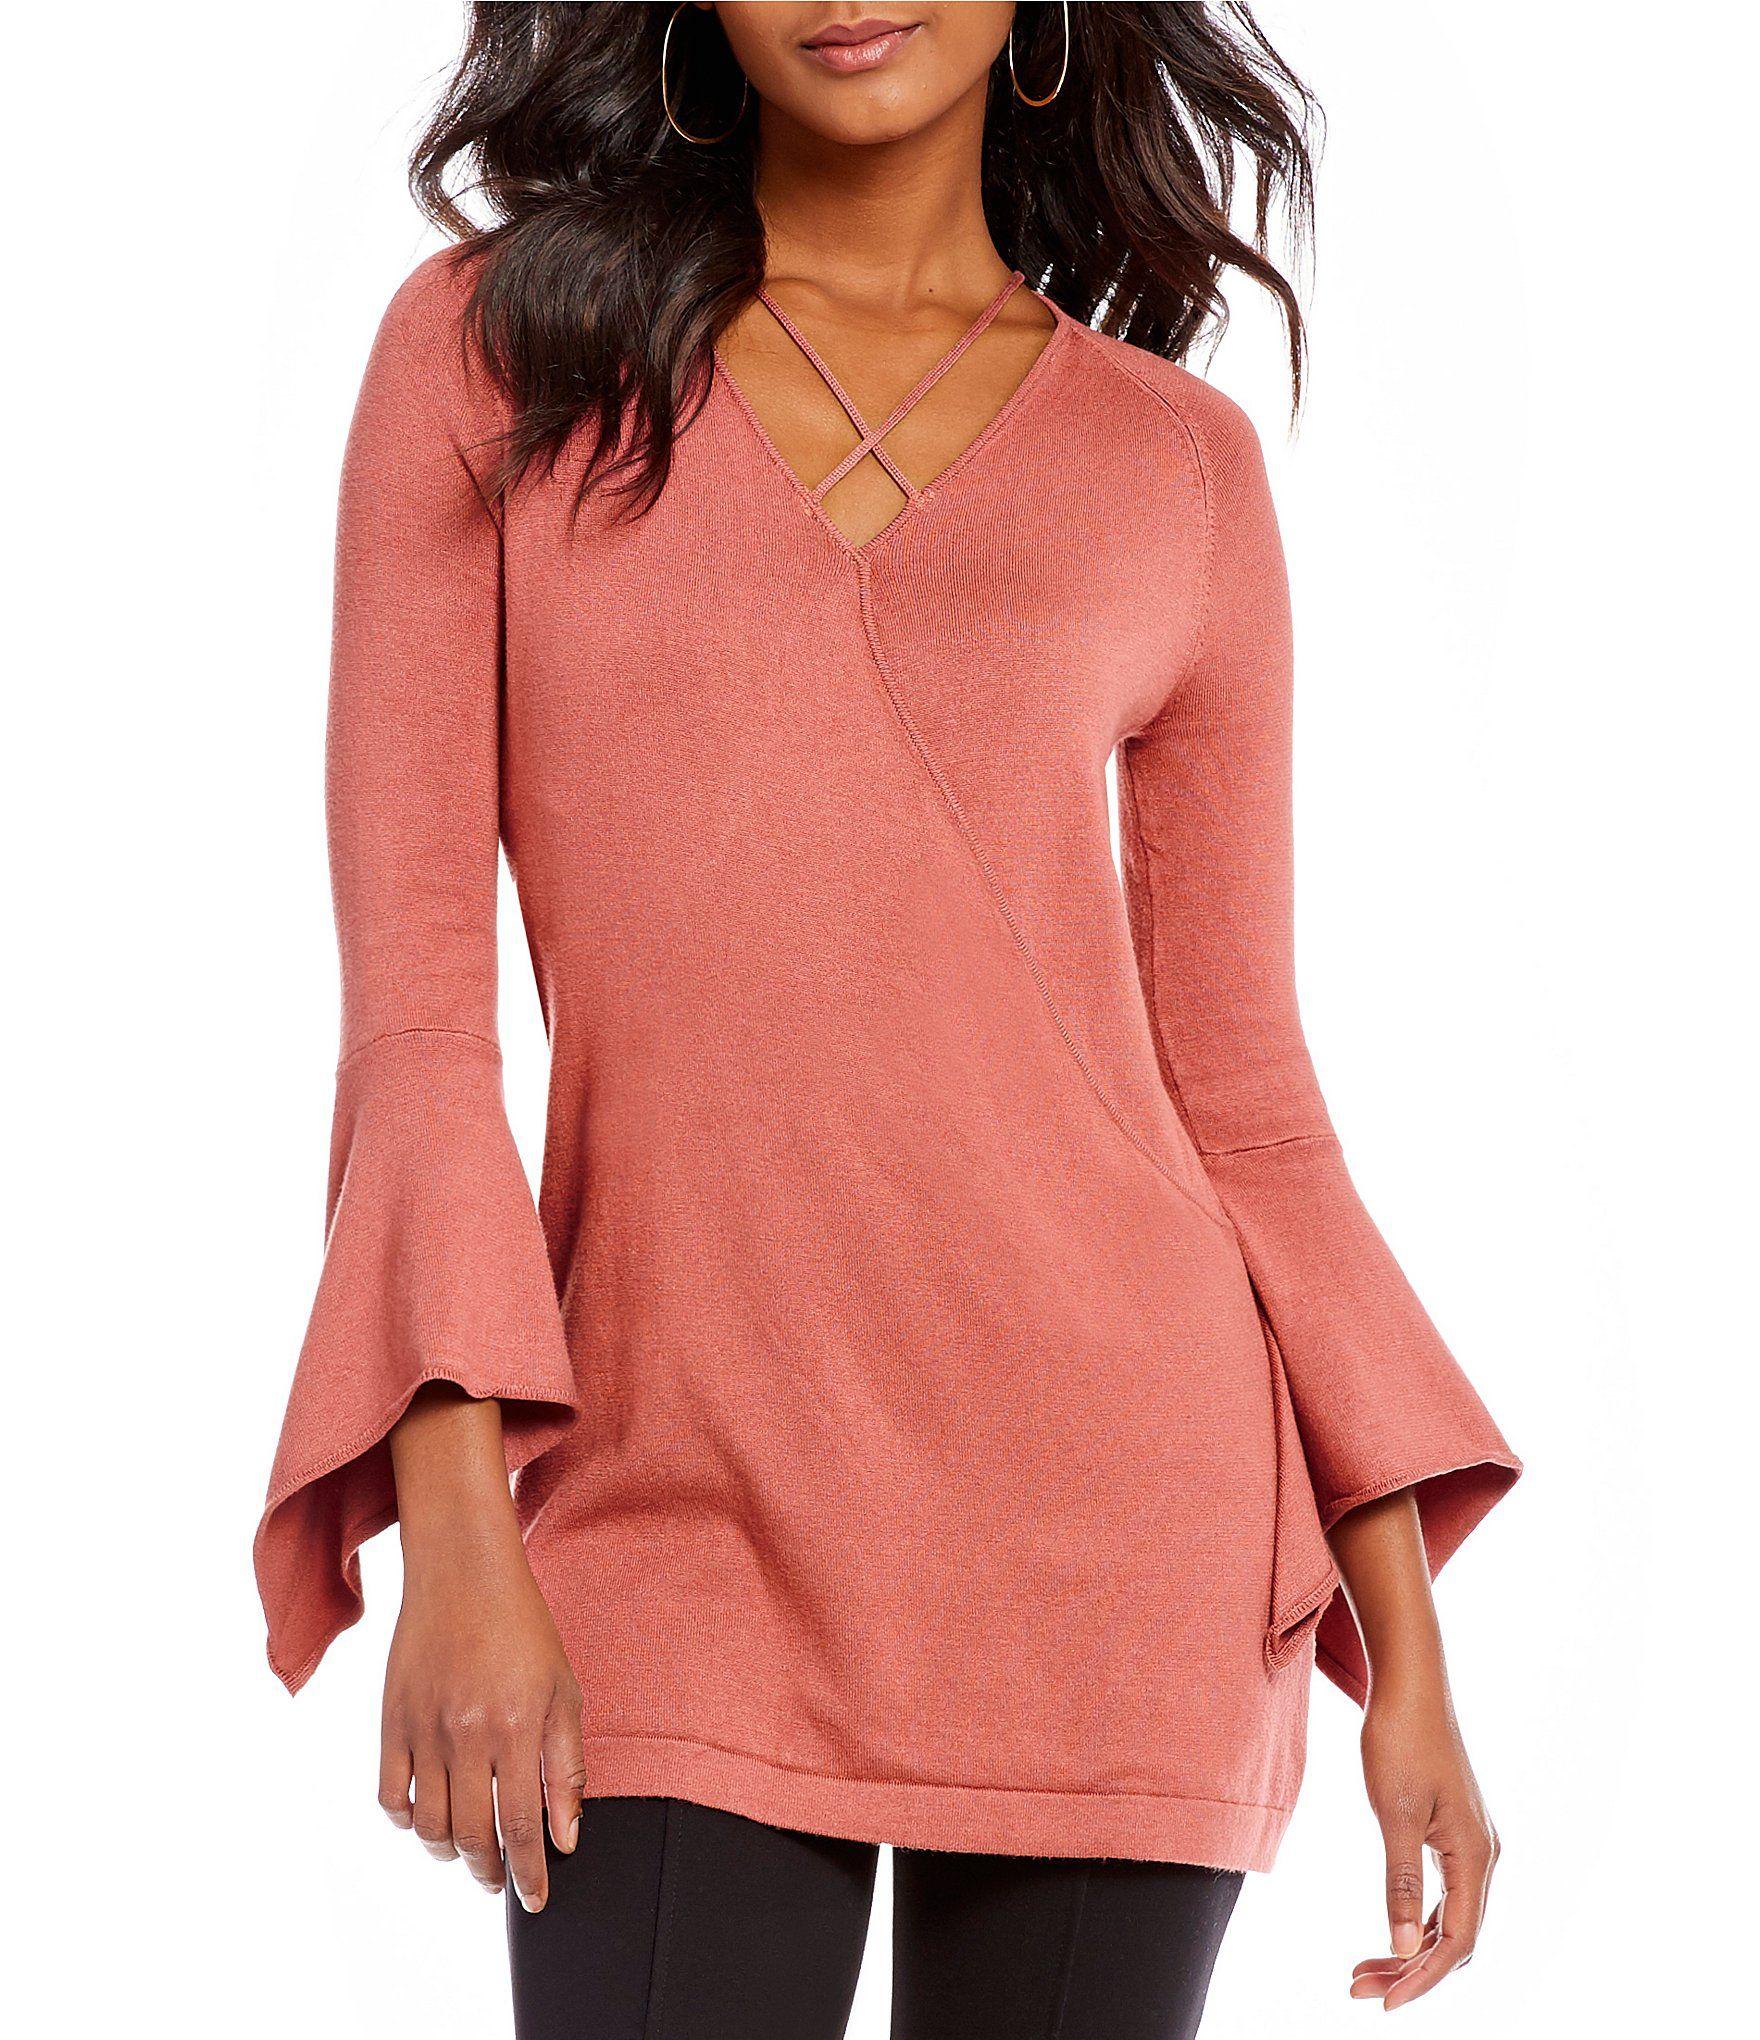 e0420d9e94 Gibson and Latimer Bell Sleeve Sweater  Dillards